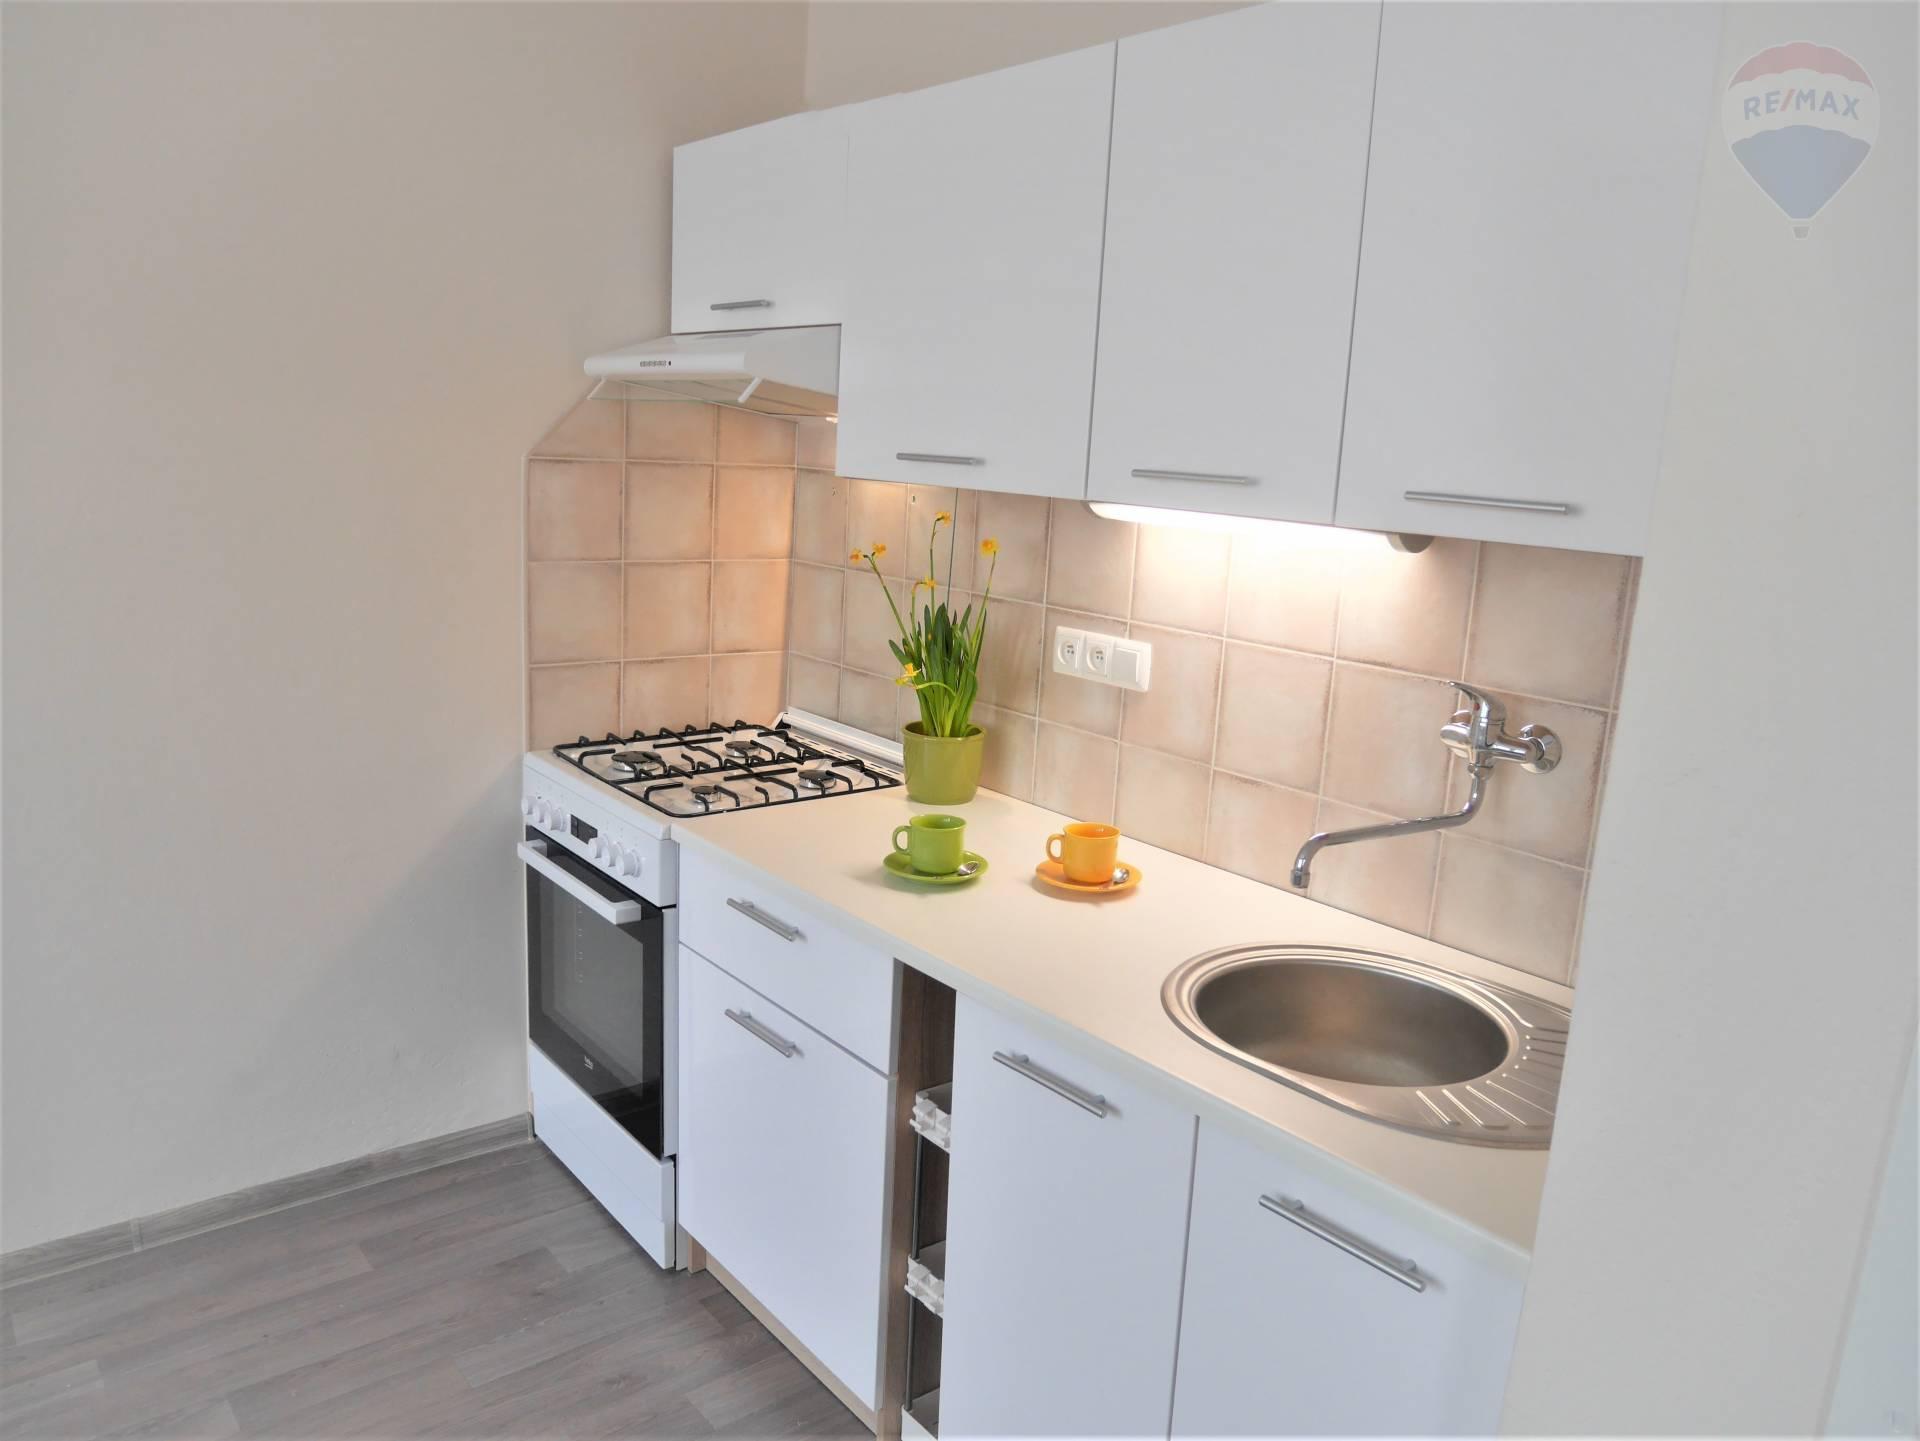 Prenájom bytu (1 izbový) 38 m2, Prievidza - PrenájomPrievidzaRealitnýmaklérKatarinaRacíková 0910 212 992 1 izbový byt na prenájom